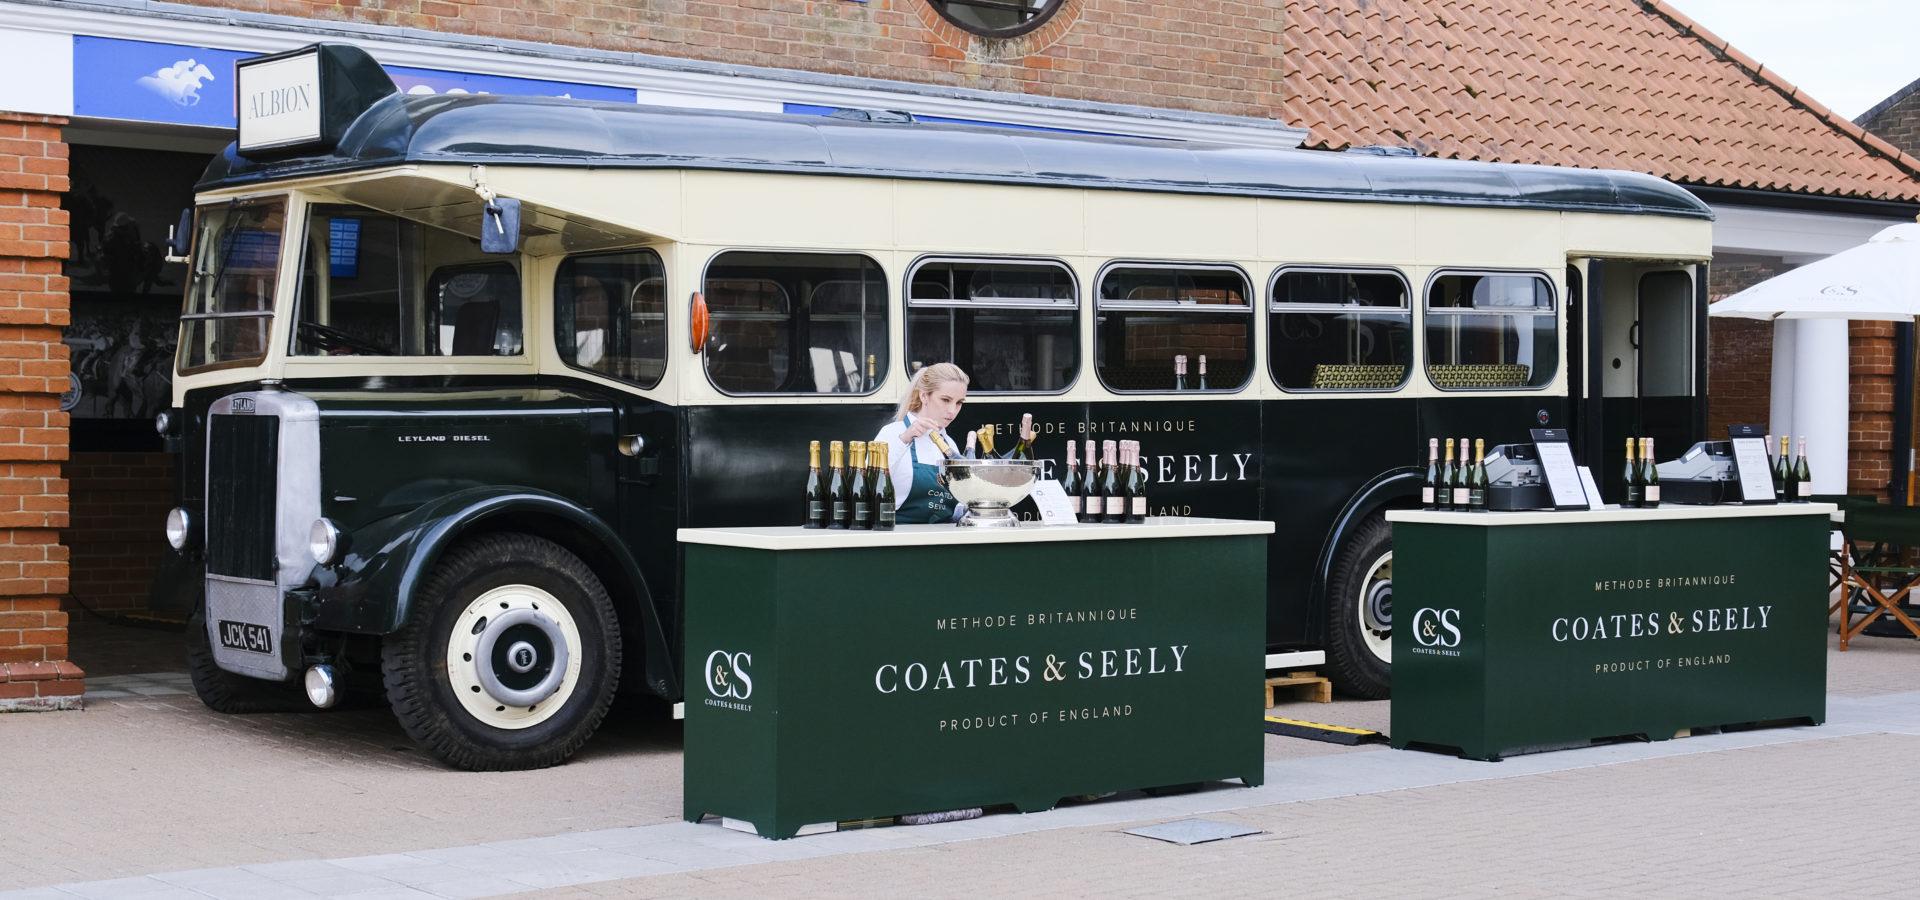 Coates & Seely at The Jockey Club